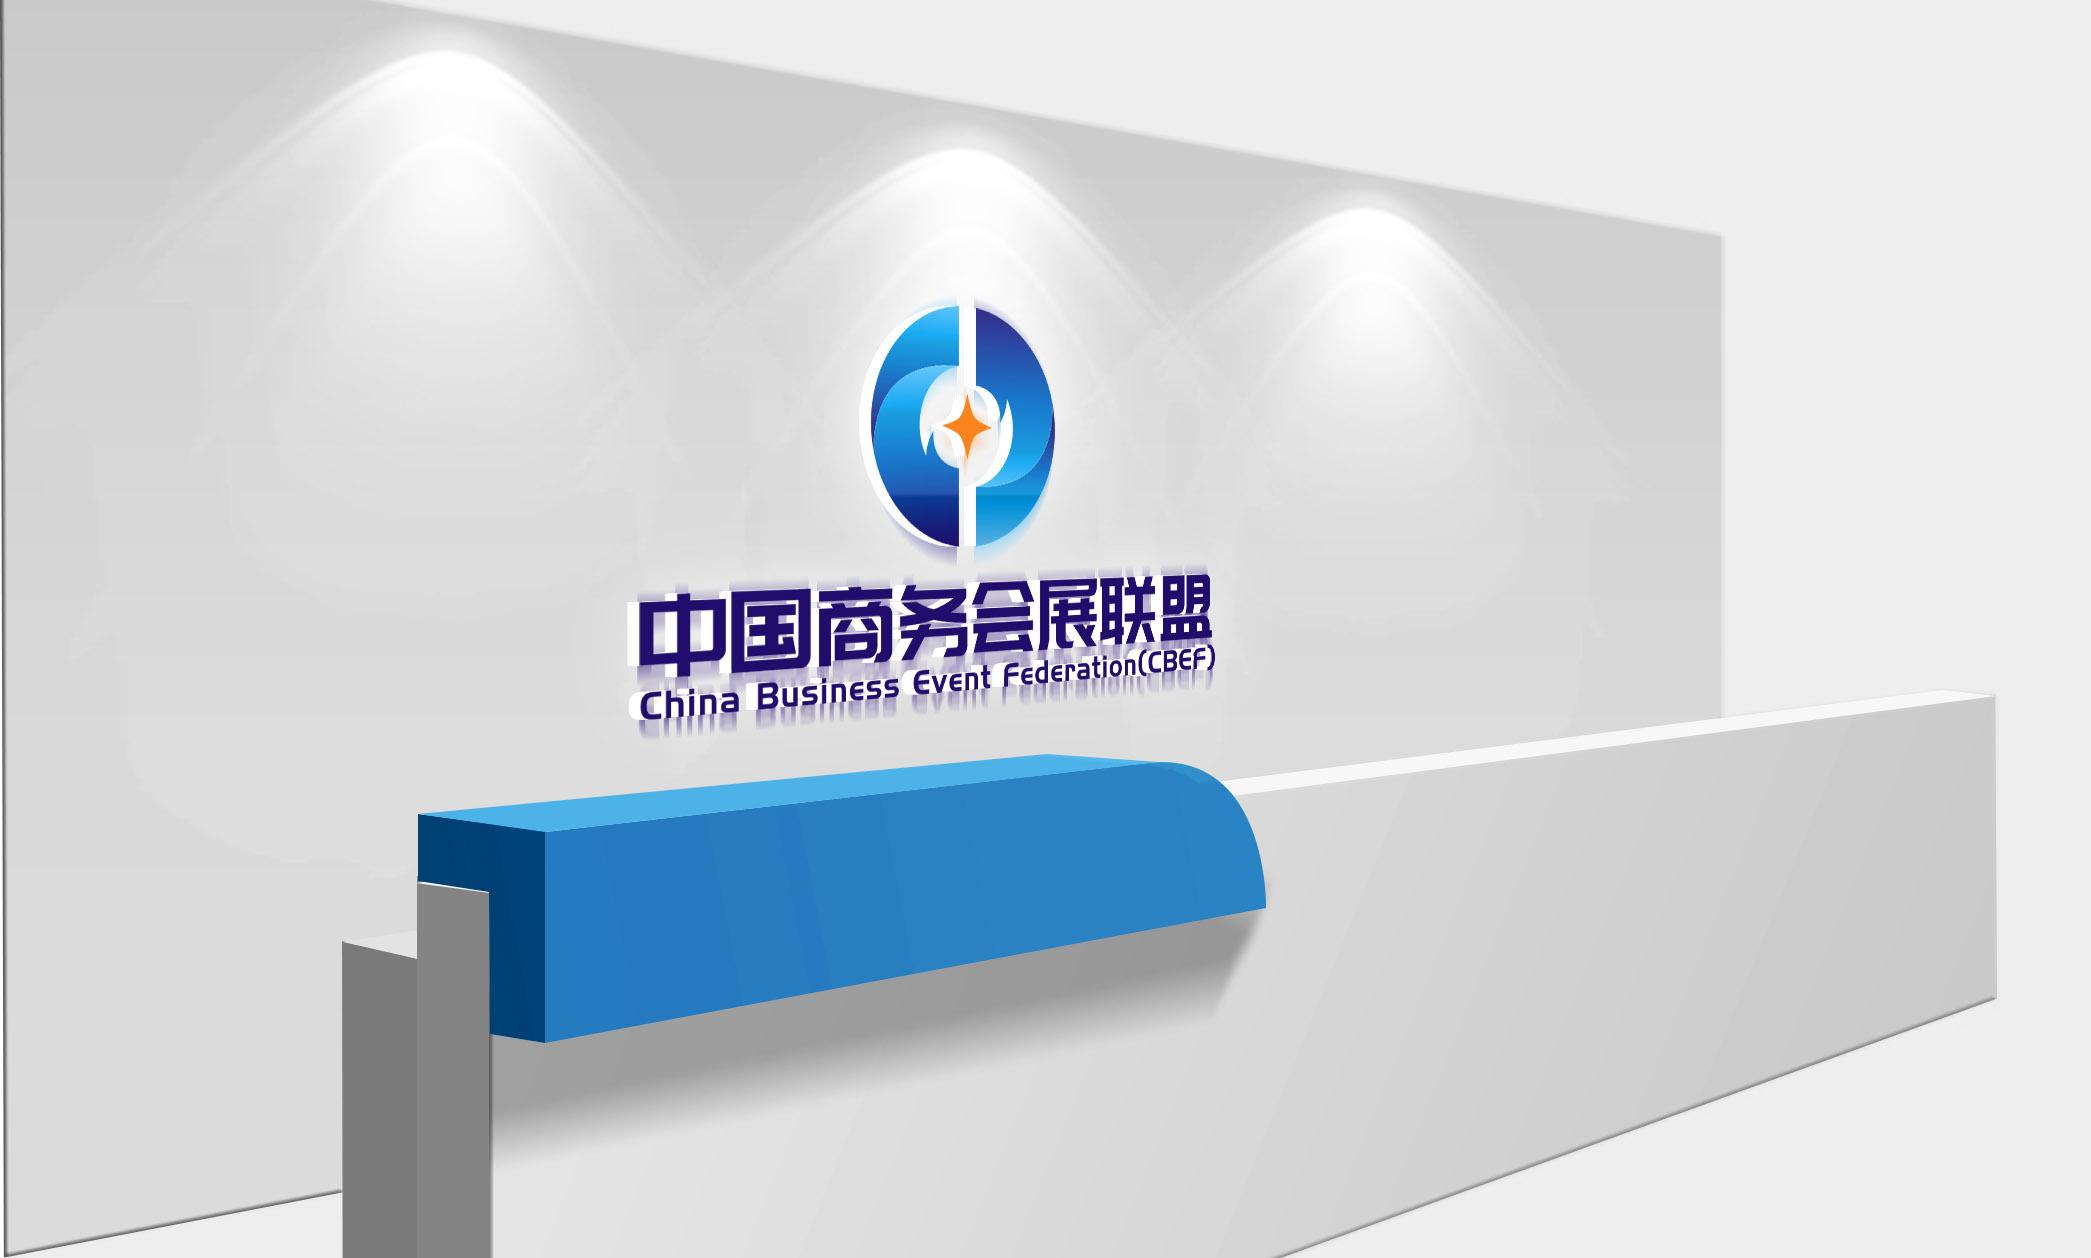 设计中国商务会展联盟logo_2957744_k68威客网